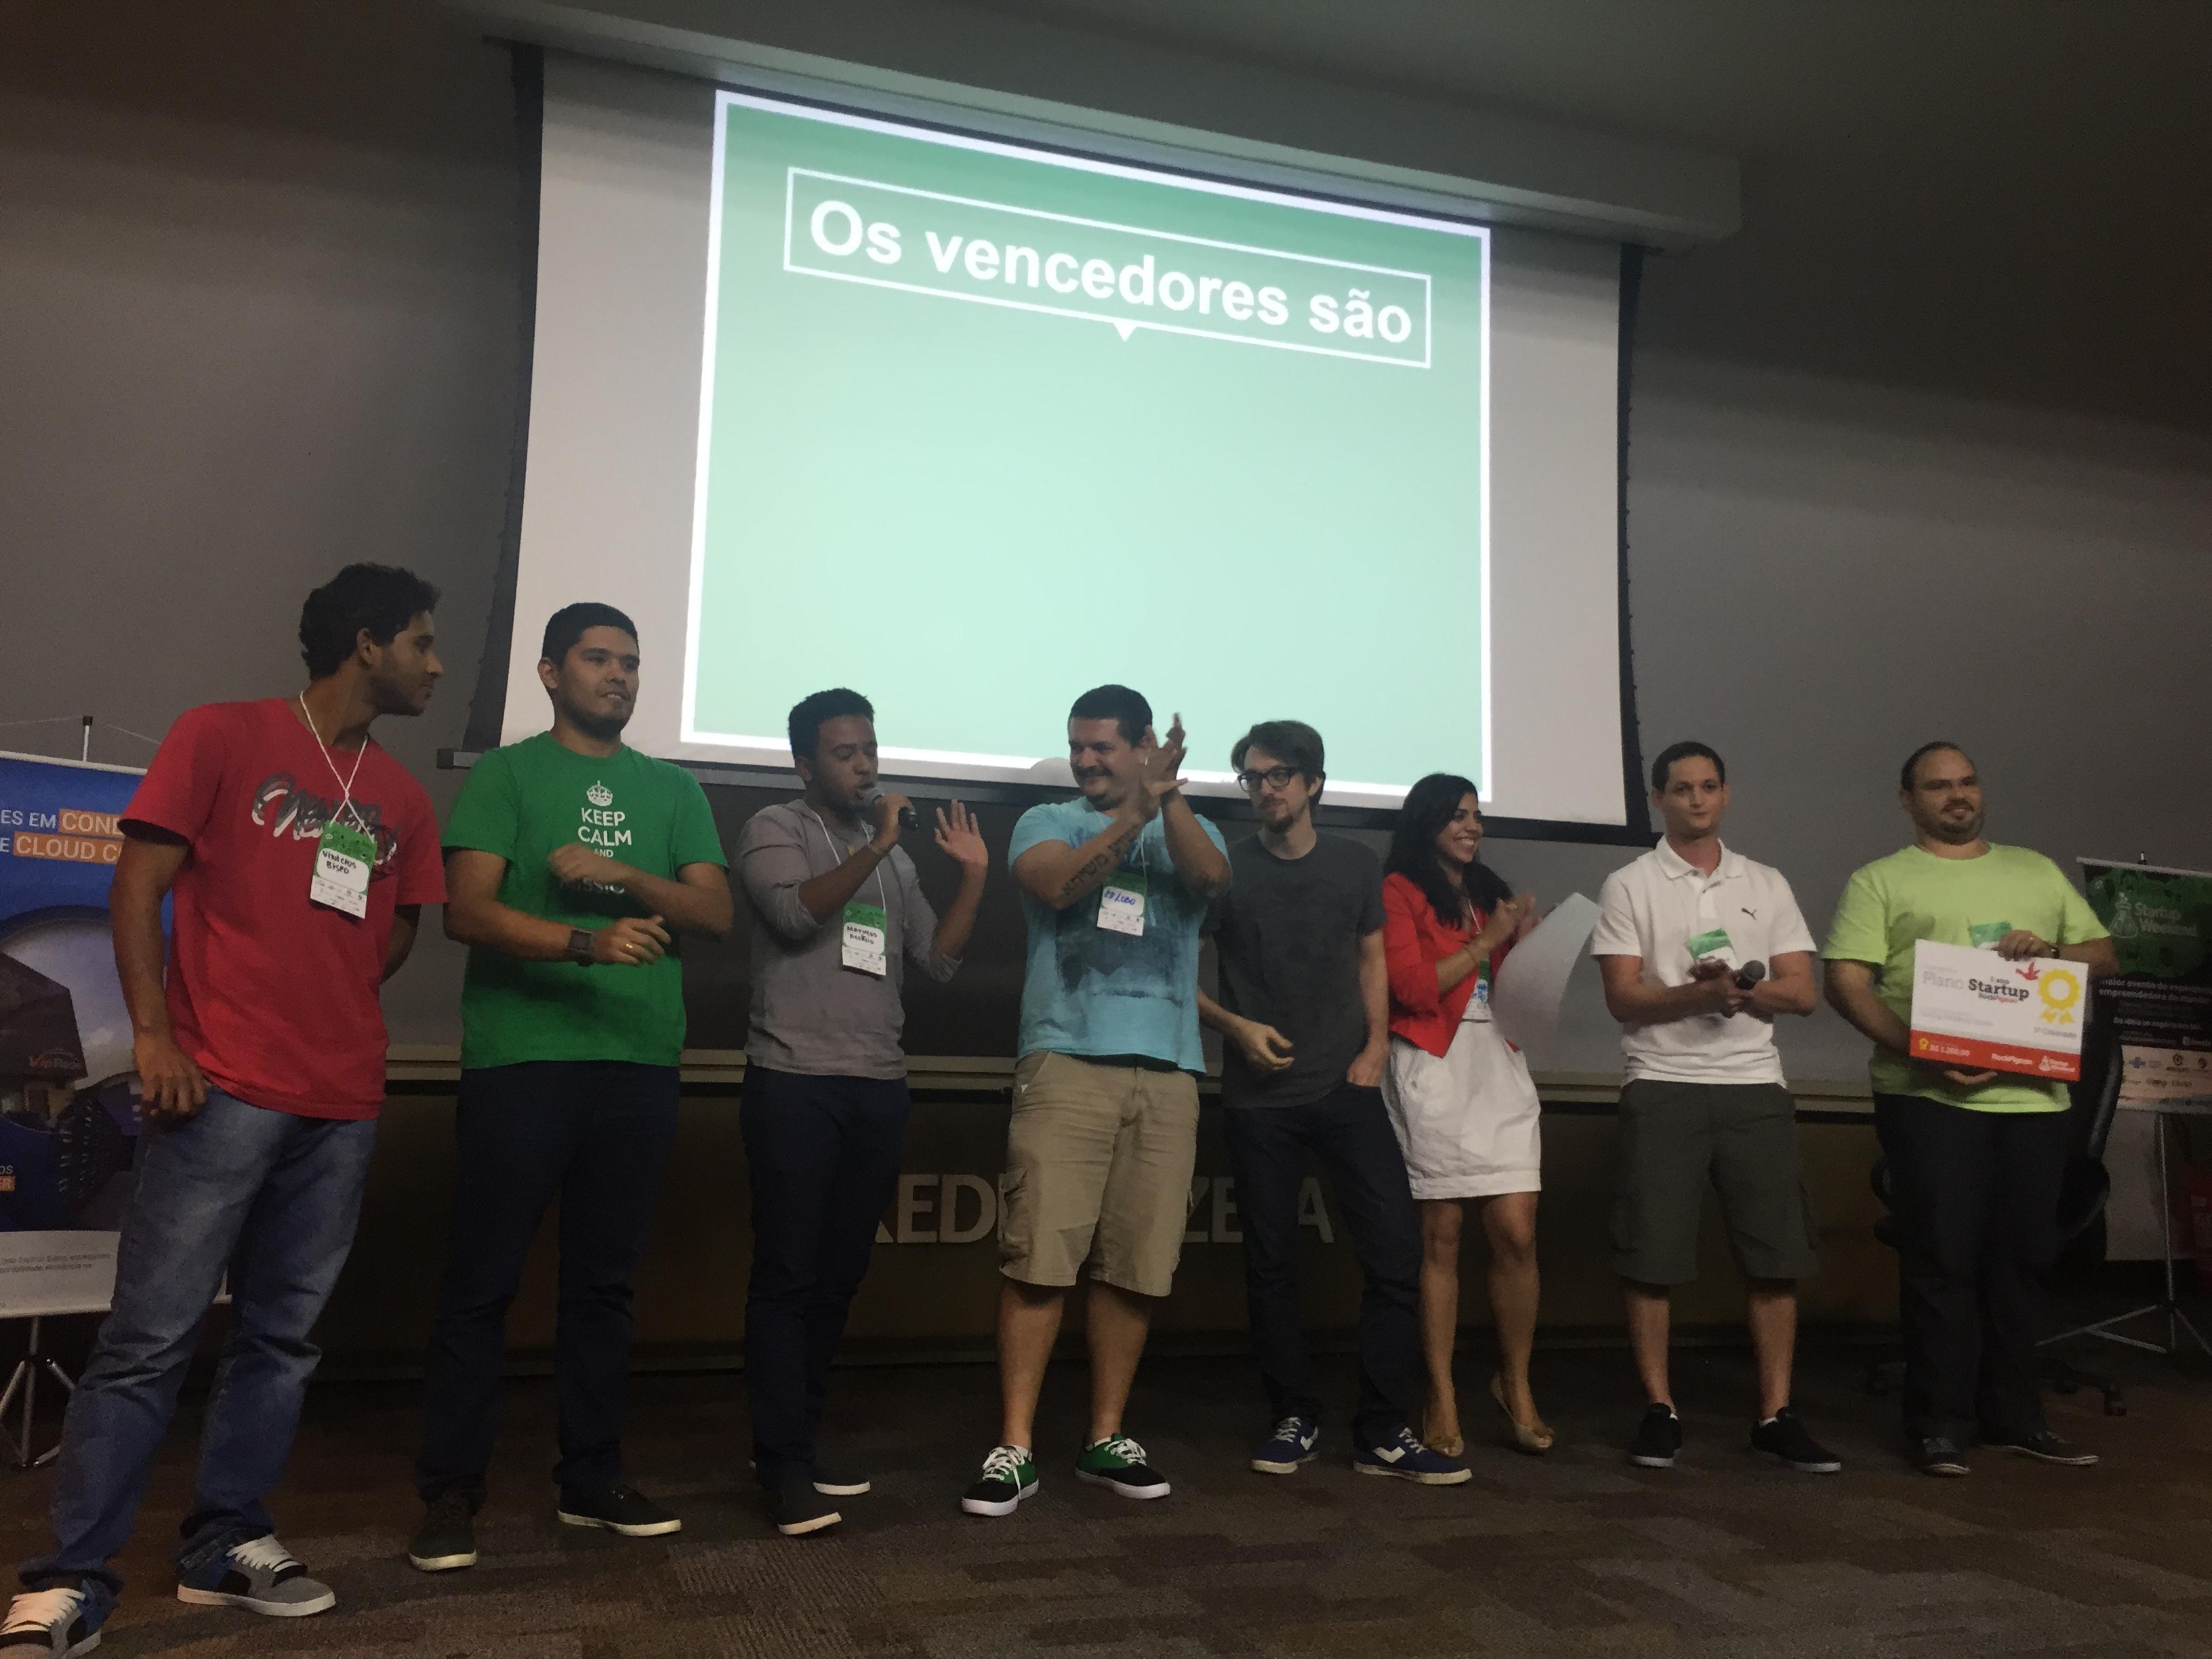 Startup Weekend Vitória, minha 24a participação no SW!